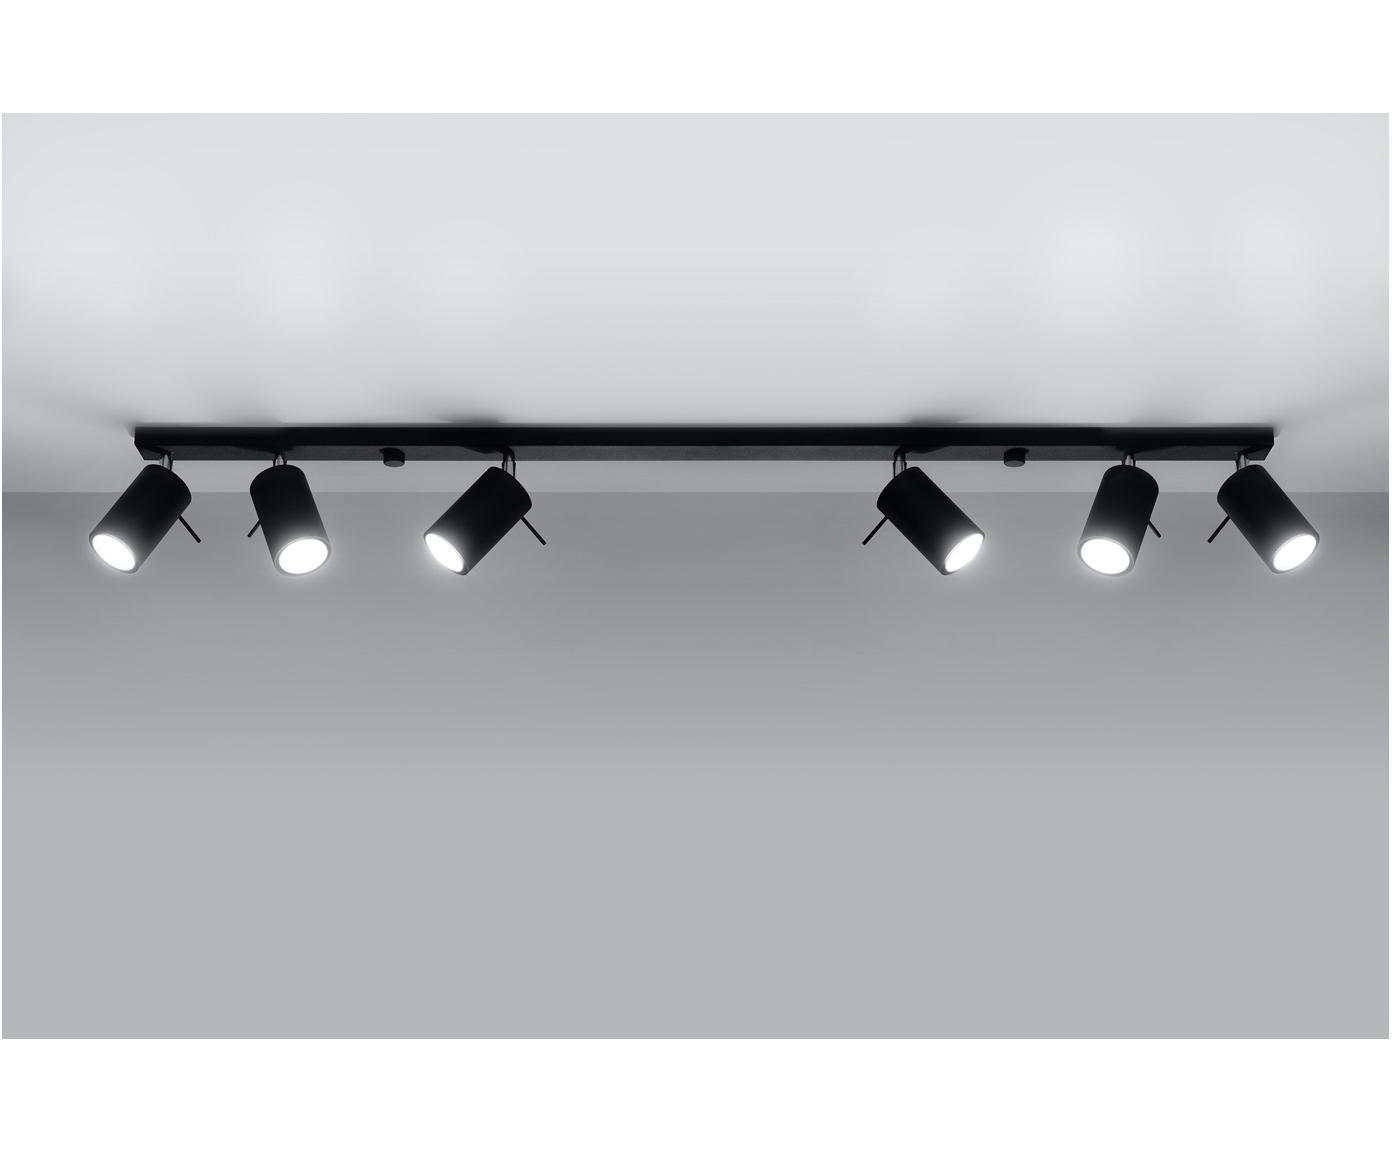 Lampa sufitowa Etna, Stal, Czarny, 117 x 16 cm